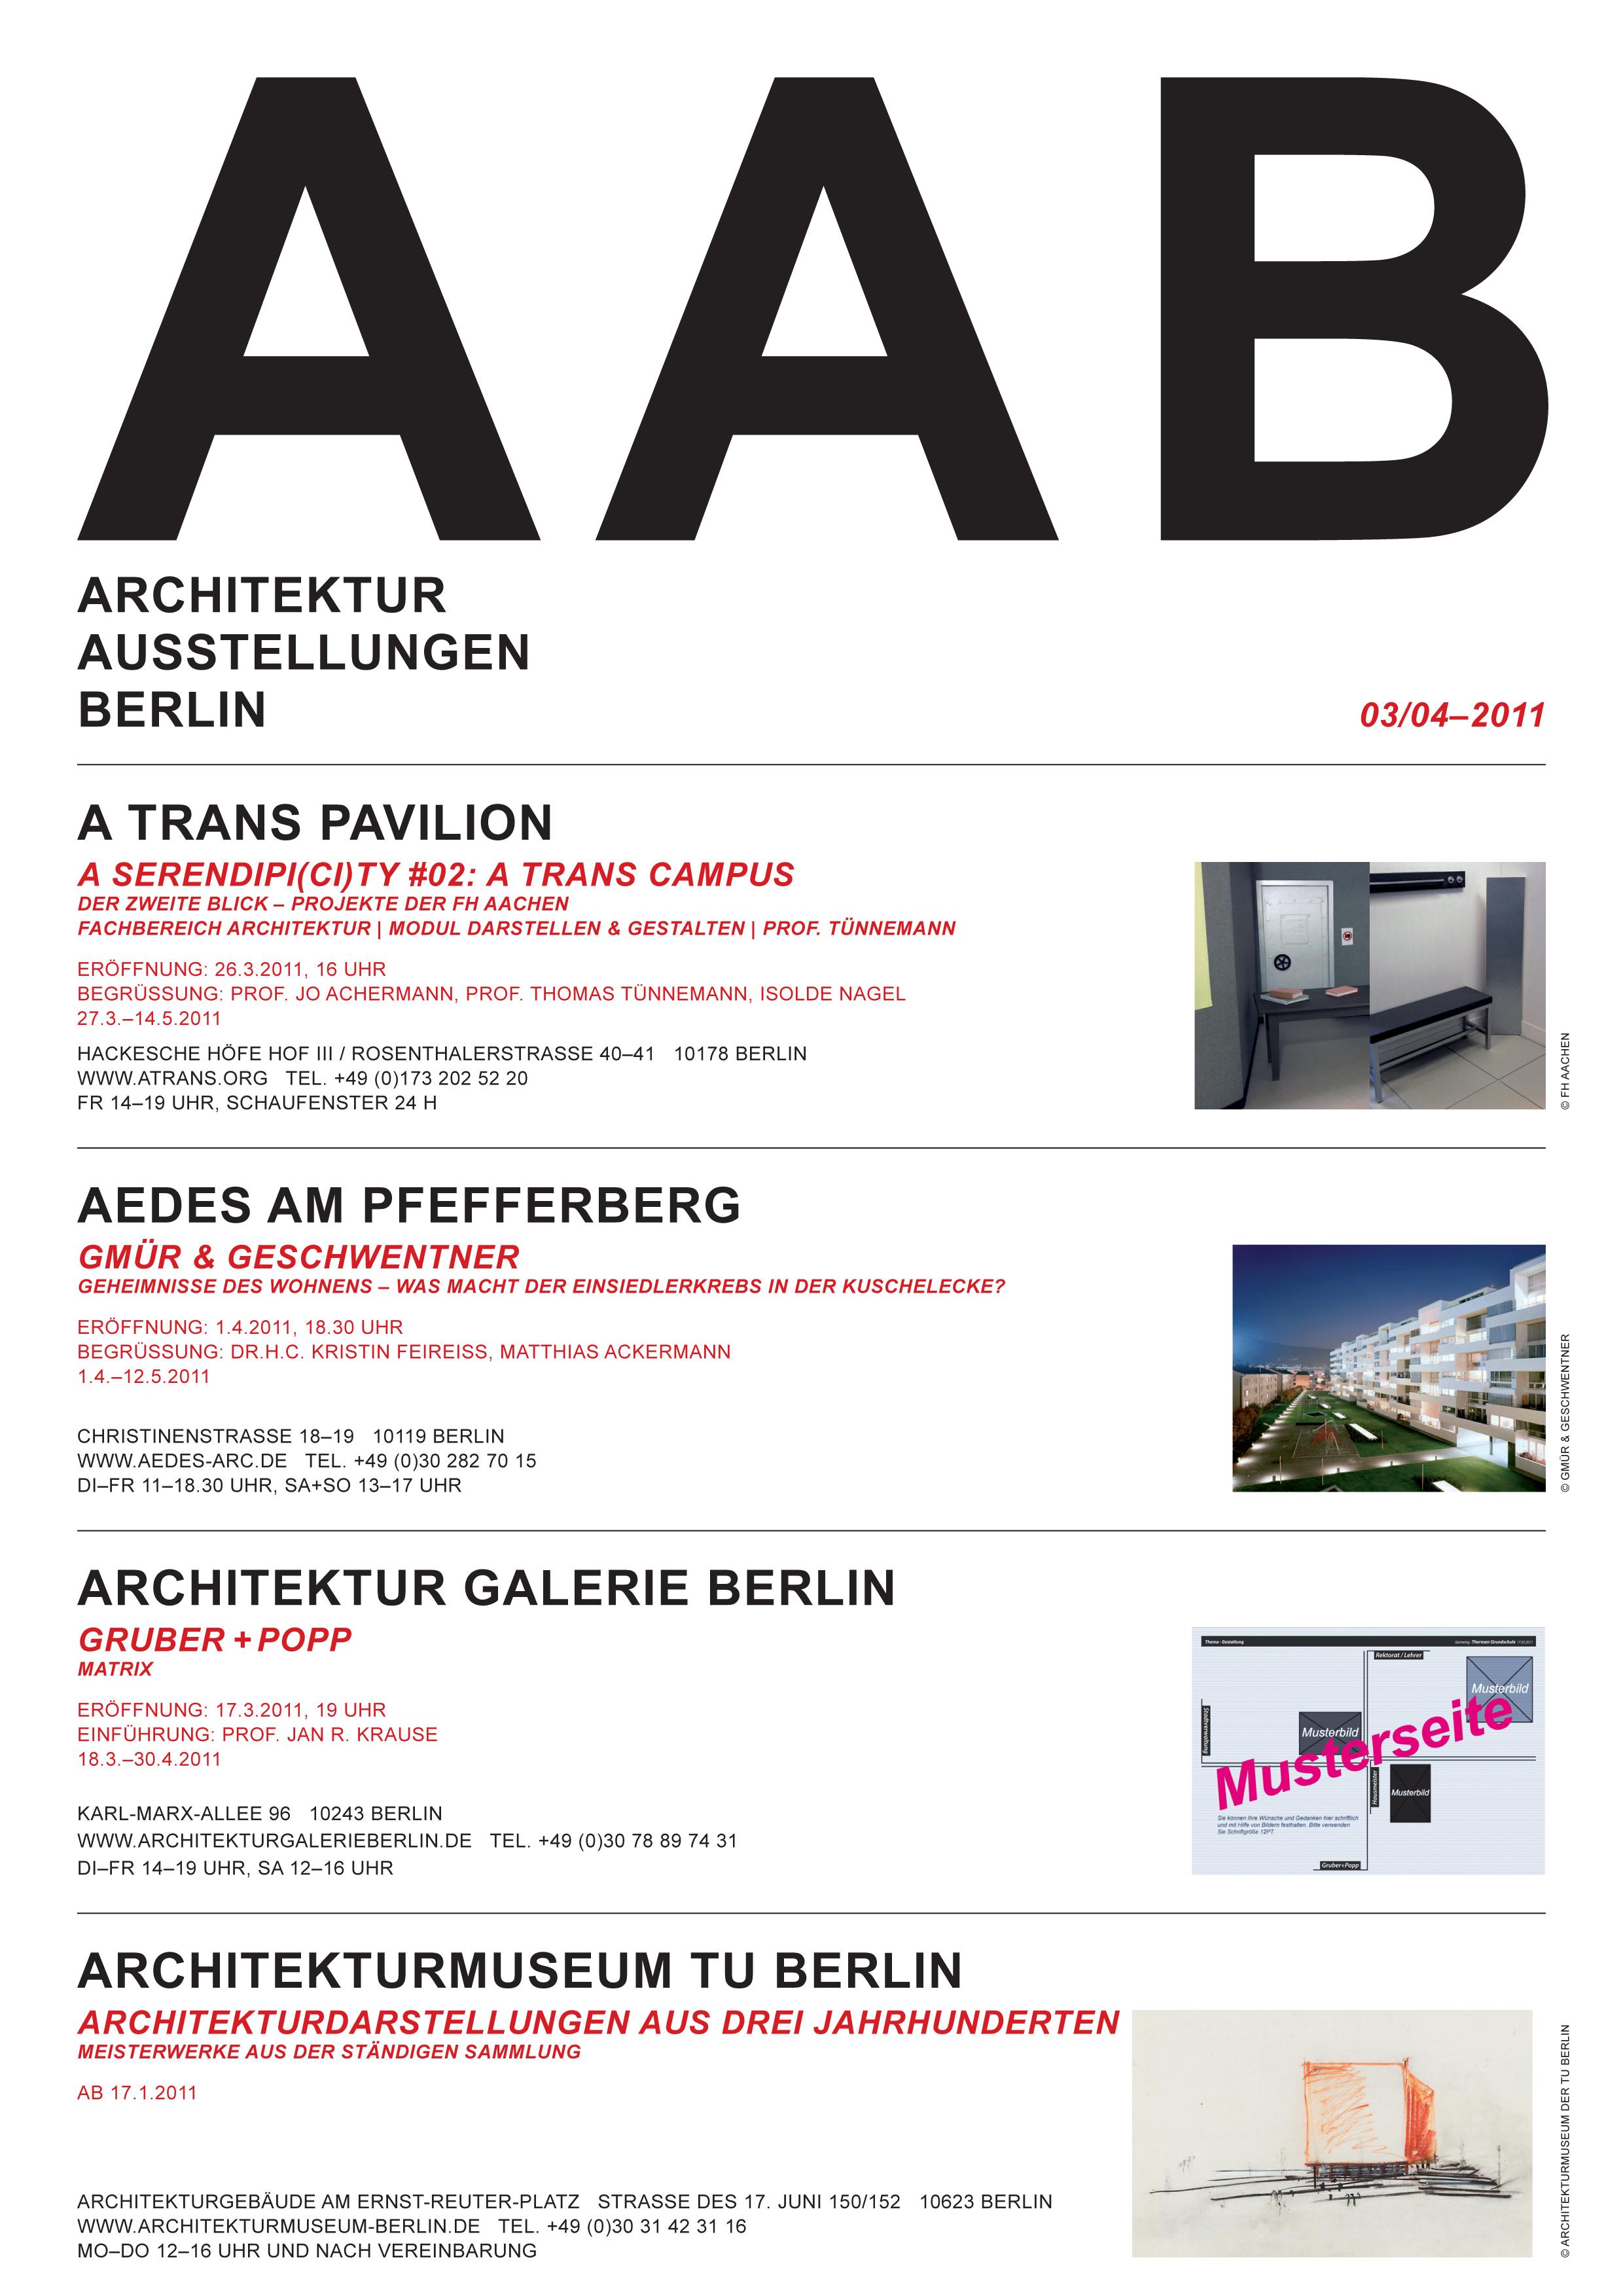 Architektur Ausstellungen Berlin von Ulrich Müller (Teil 1 von Ausgabe 03/04-2011)